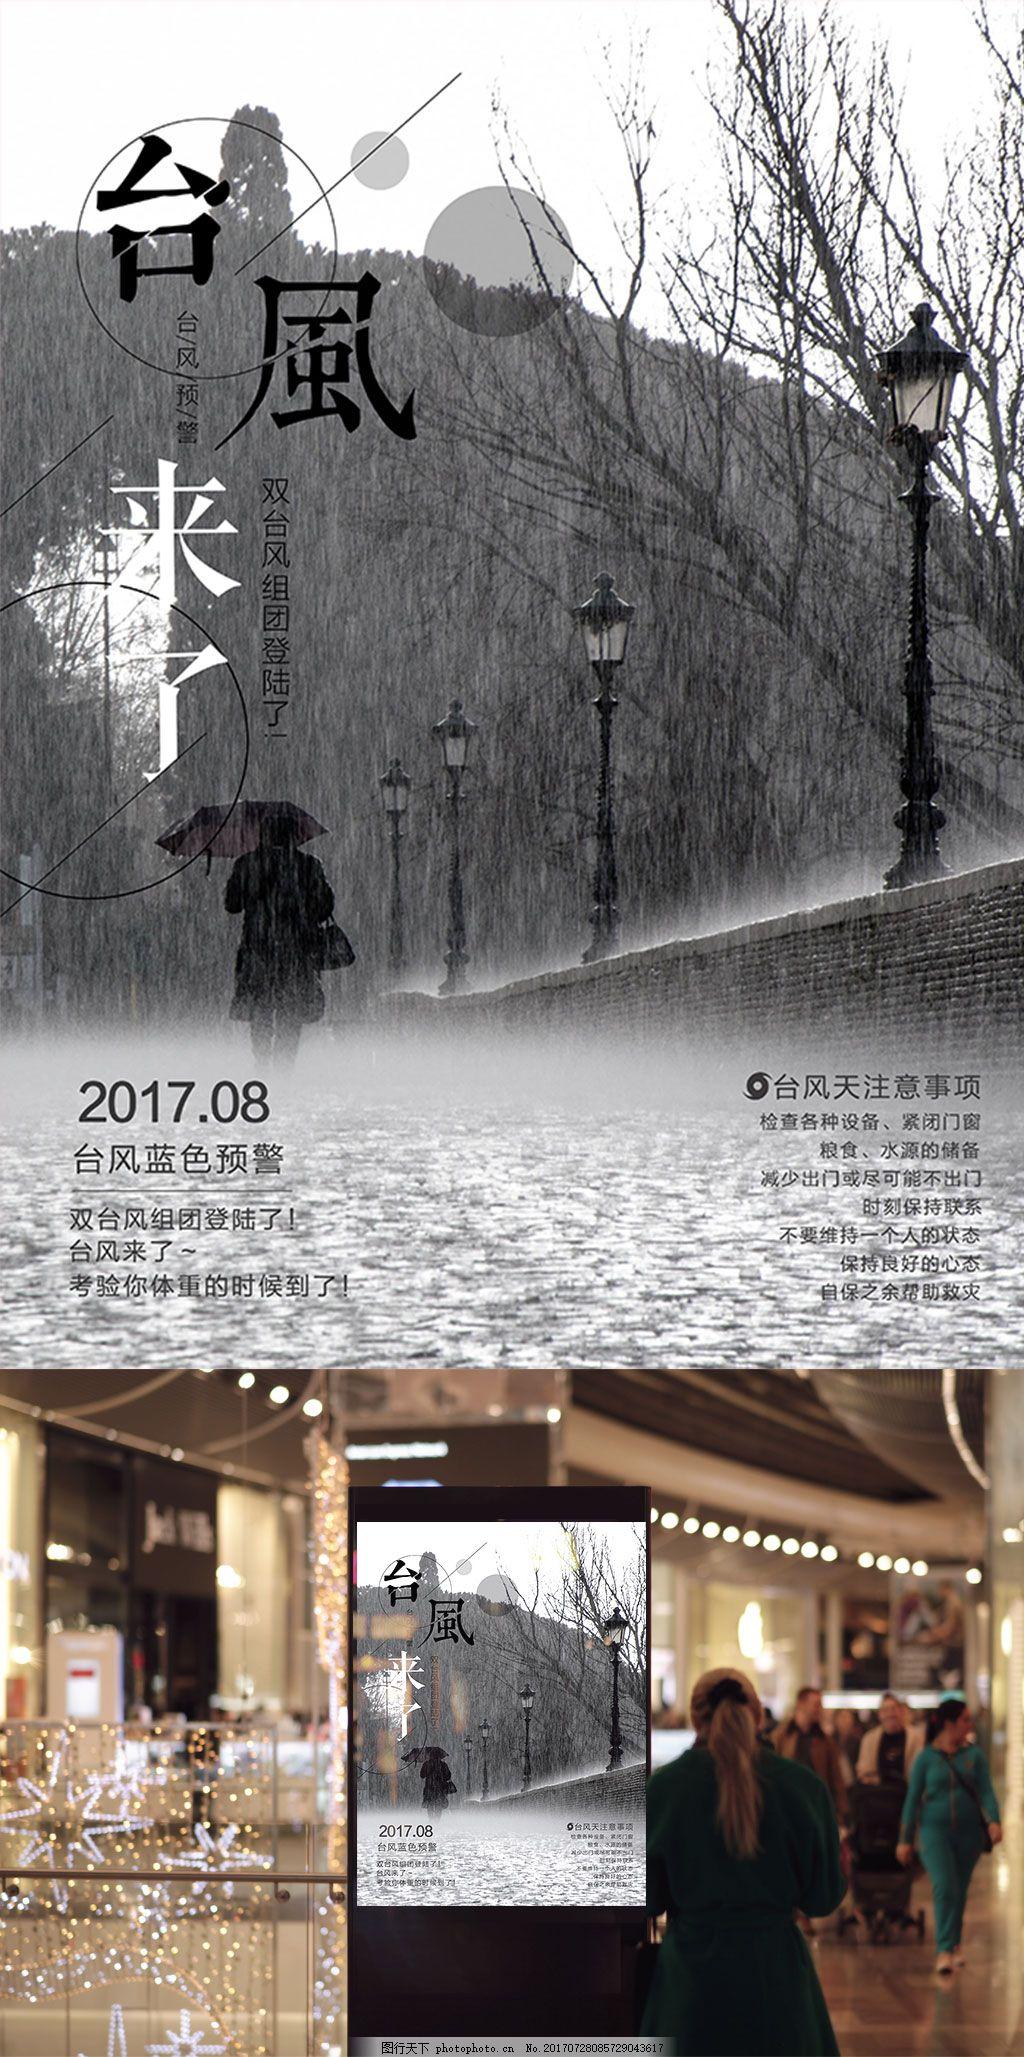 台风来了台风天微信配图 文艺 下雨 台风预警 台风预防 预防台风